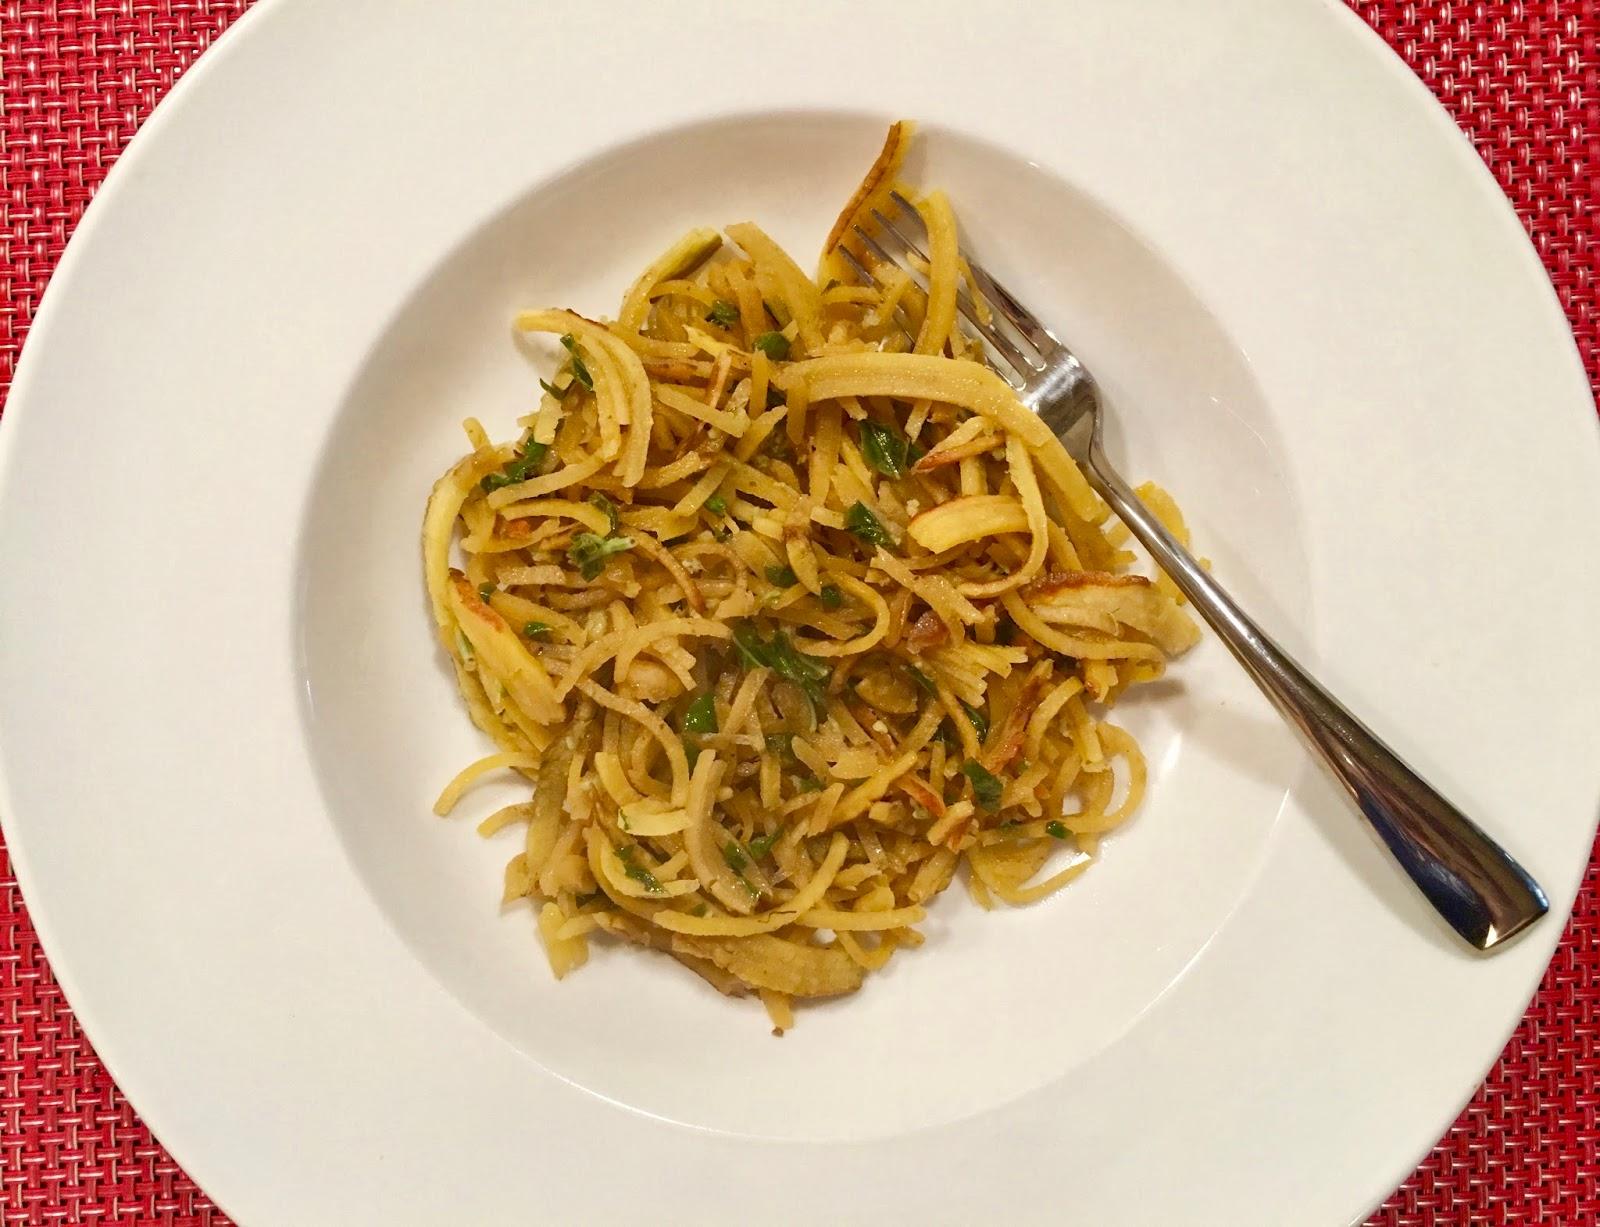 The Veracious Vegan: Cece\'s Veggie Noodle Co.